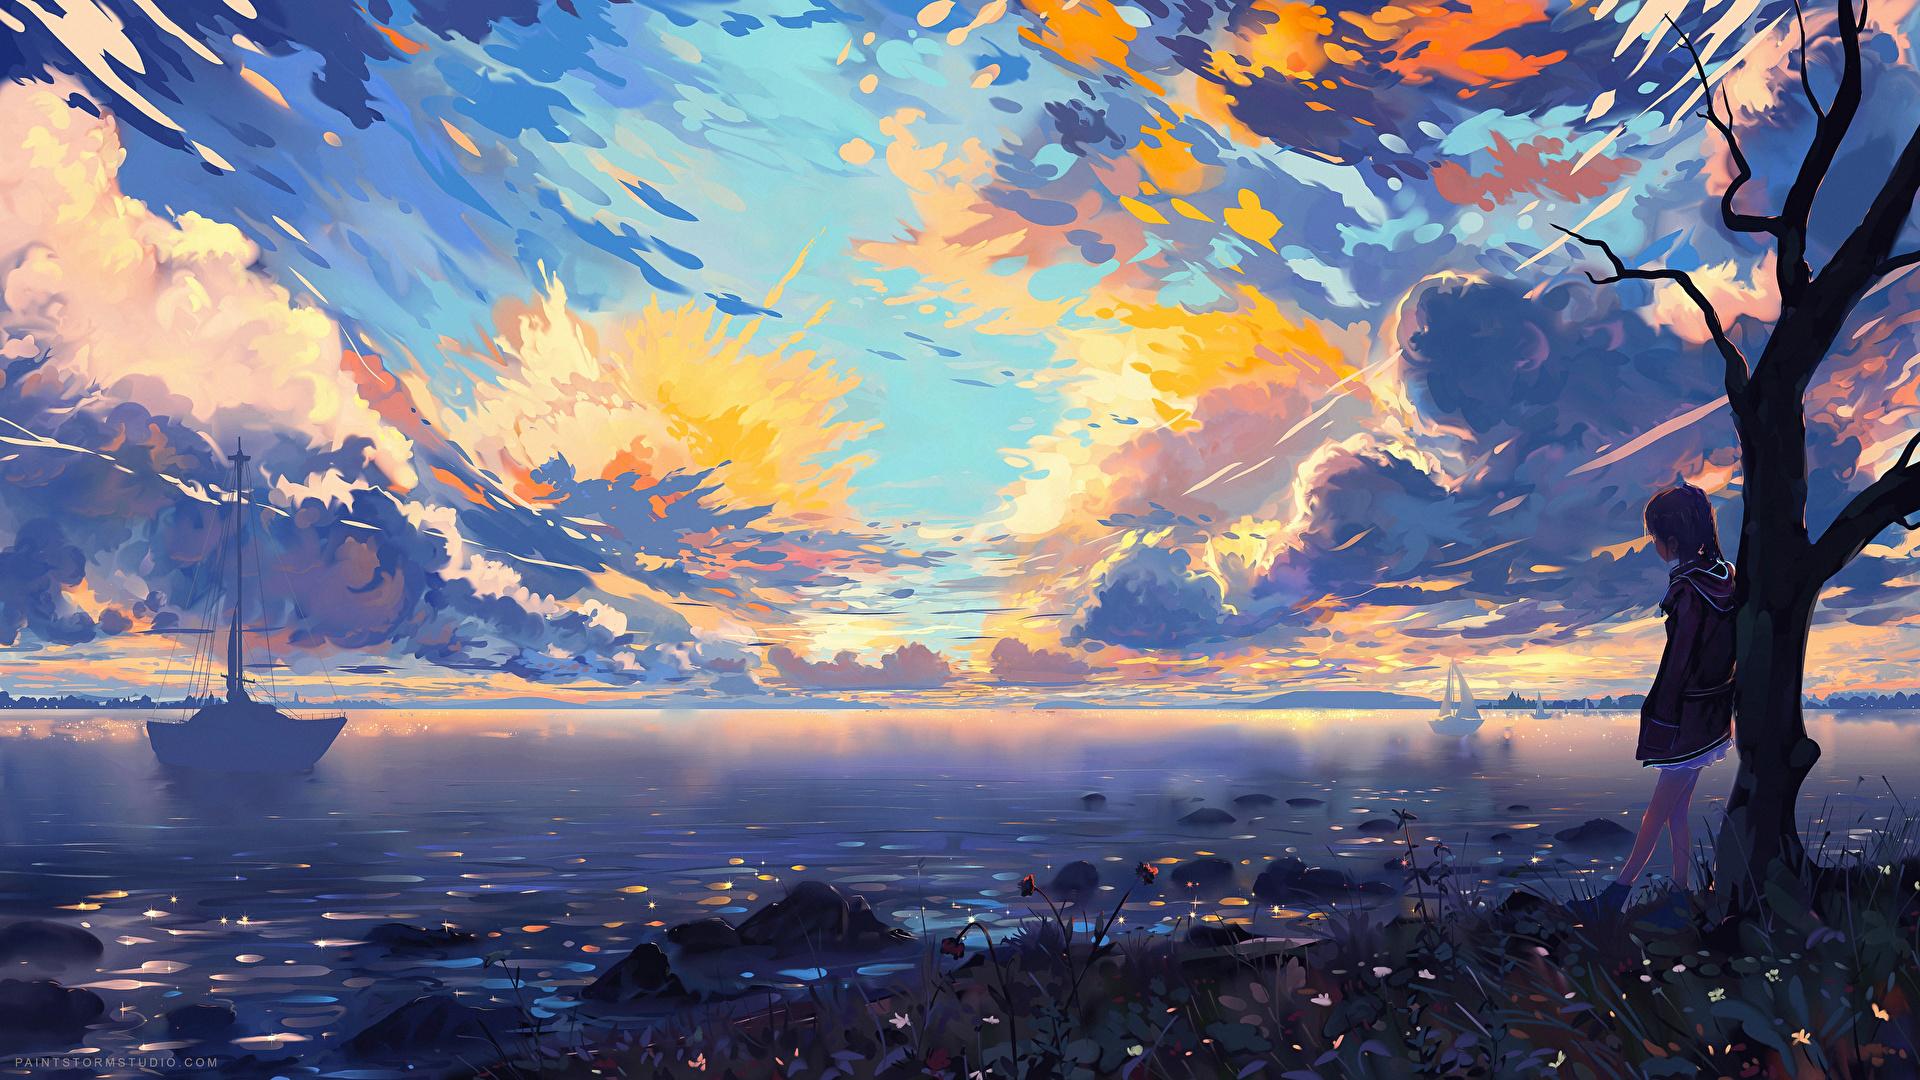 壁紙 19x1080 海岸 小さな女の子 雲 ファンタジー アニメ ダウンロード 写真